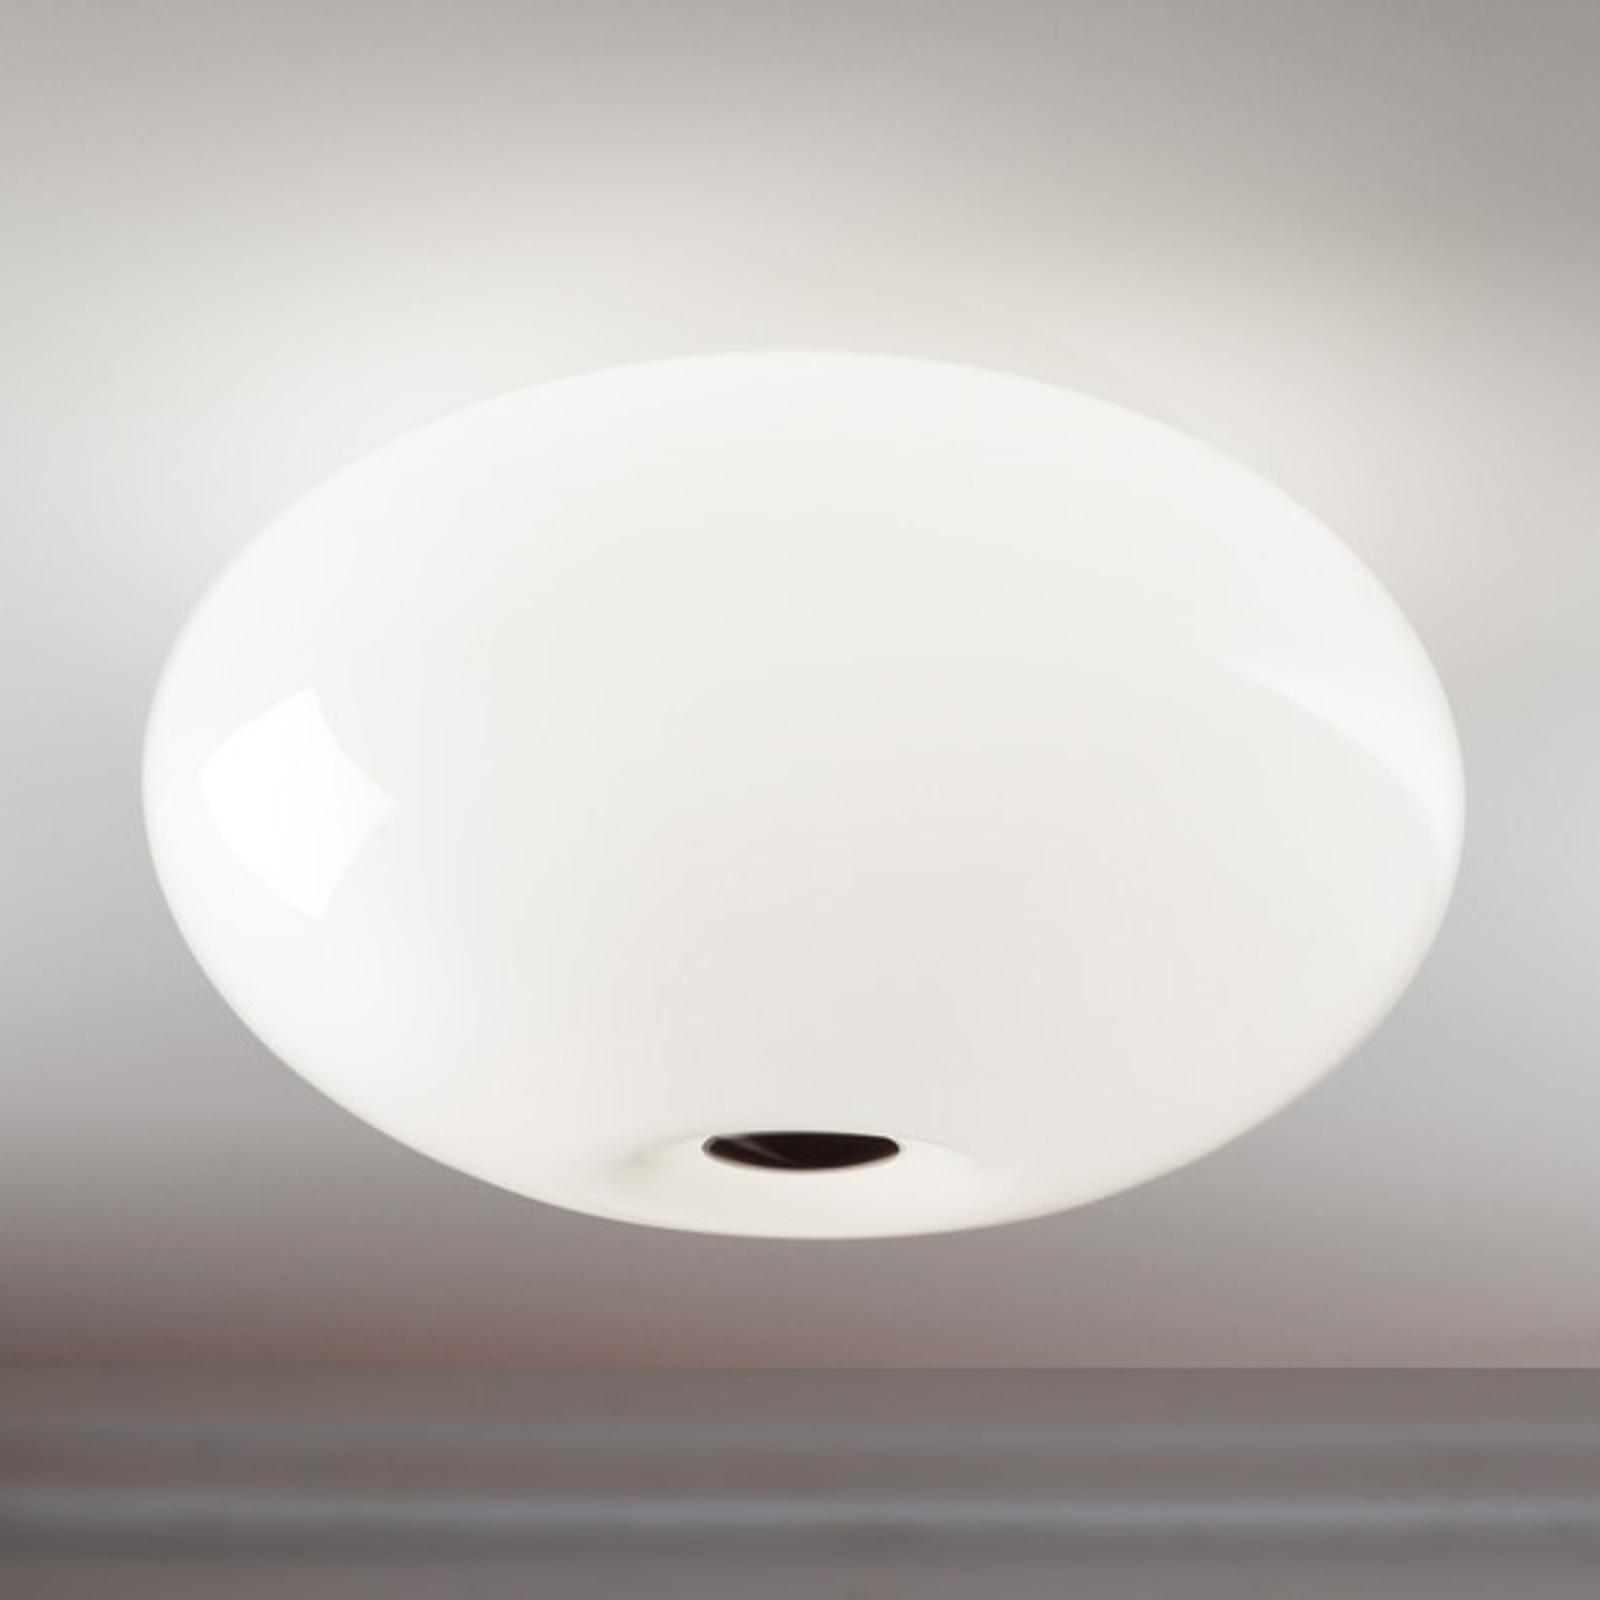 Casablanca Aih - Deckenleuchte weiß glänzend 38cm